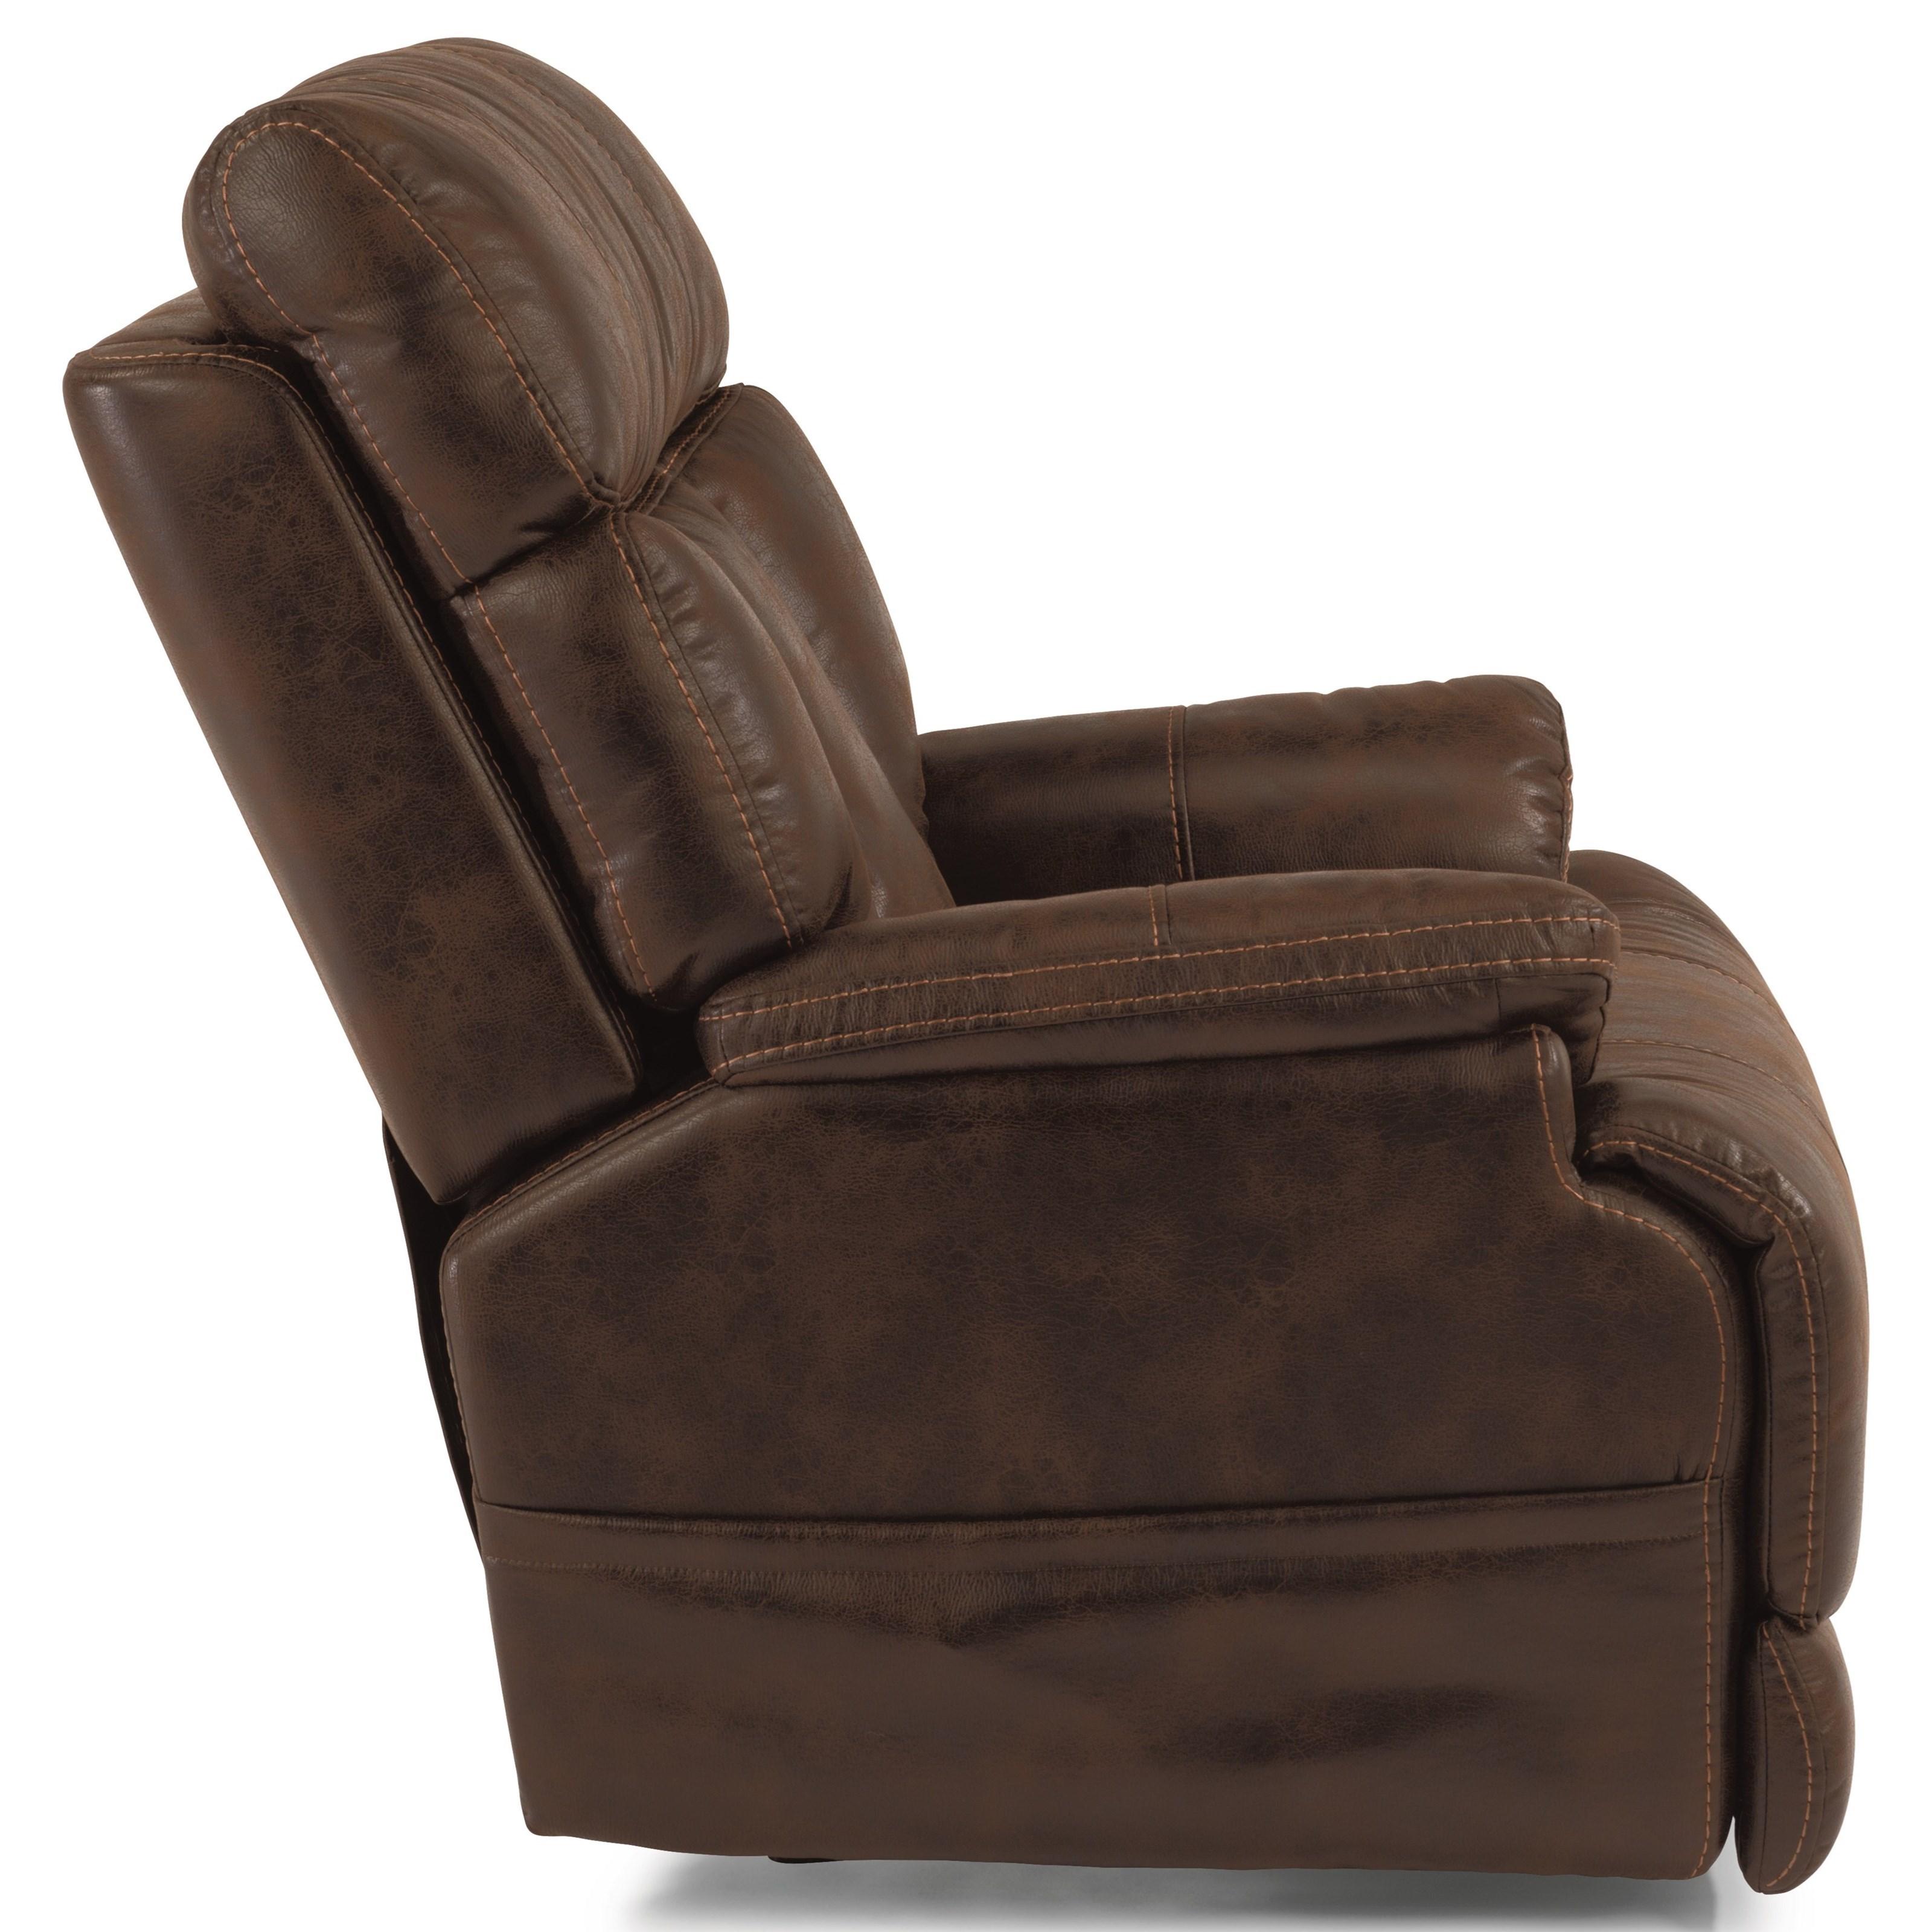 shown in flexsteel power recliner with power headrest and adjustable lumbar